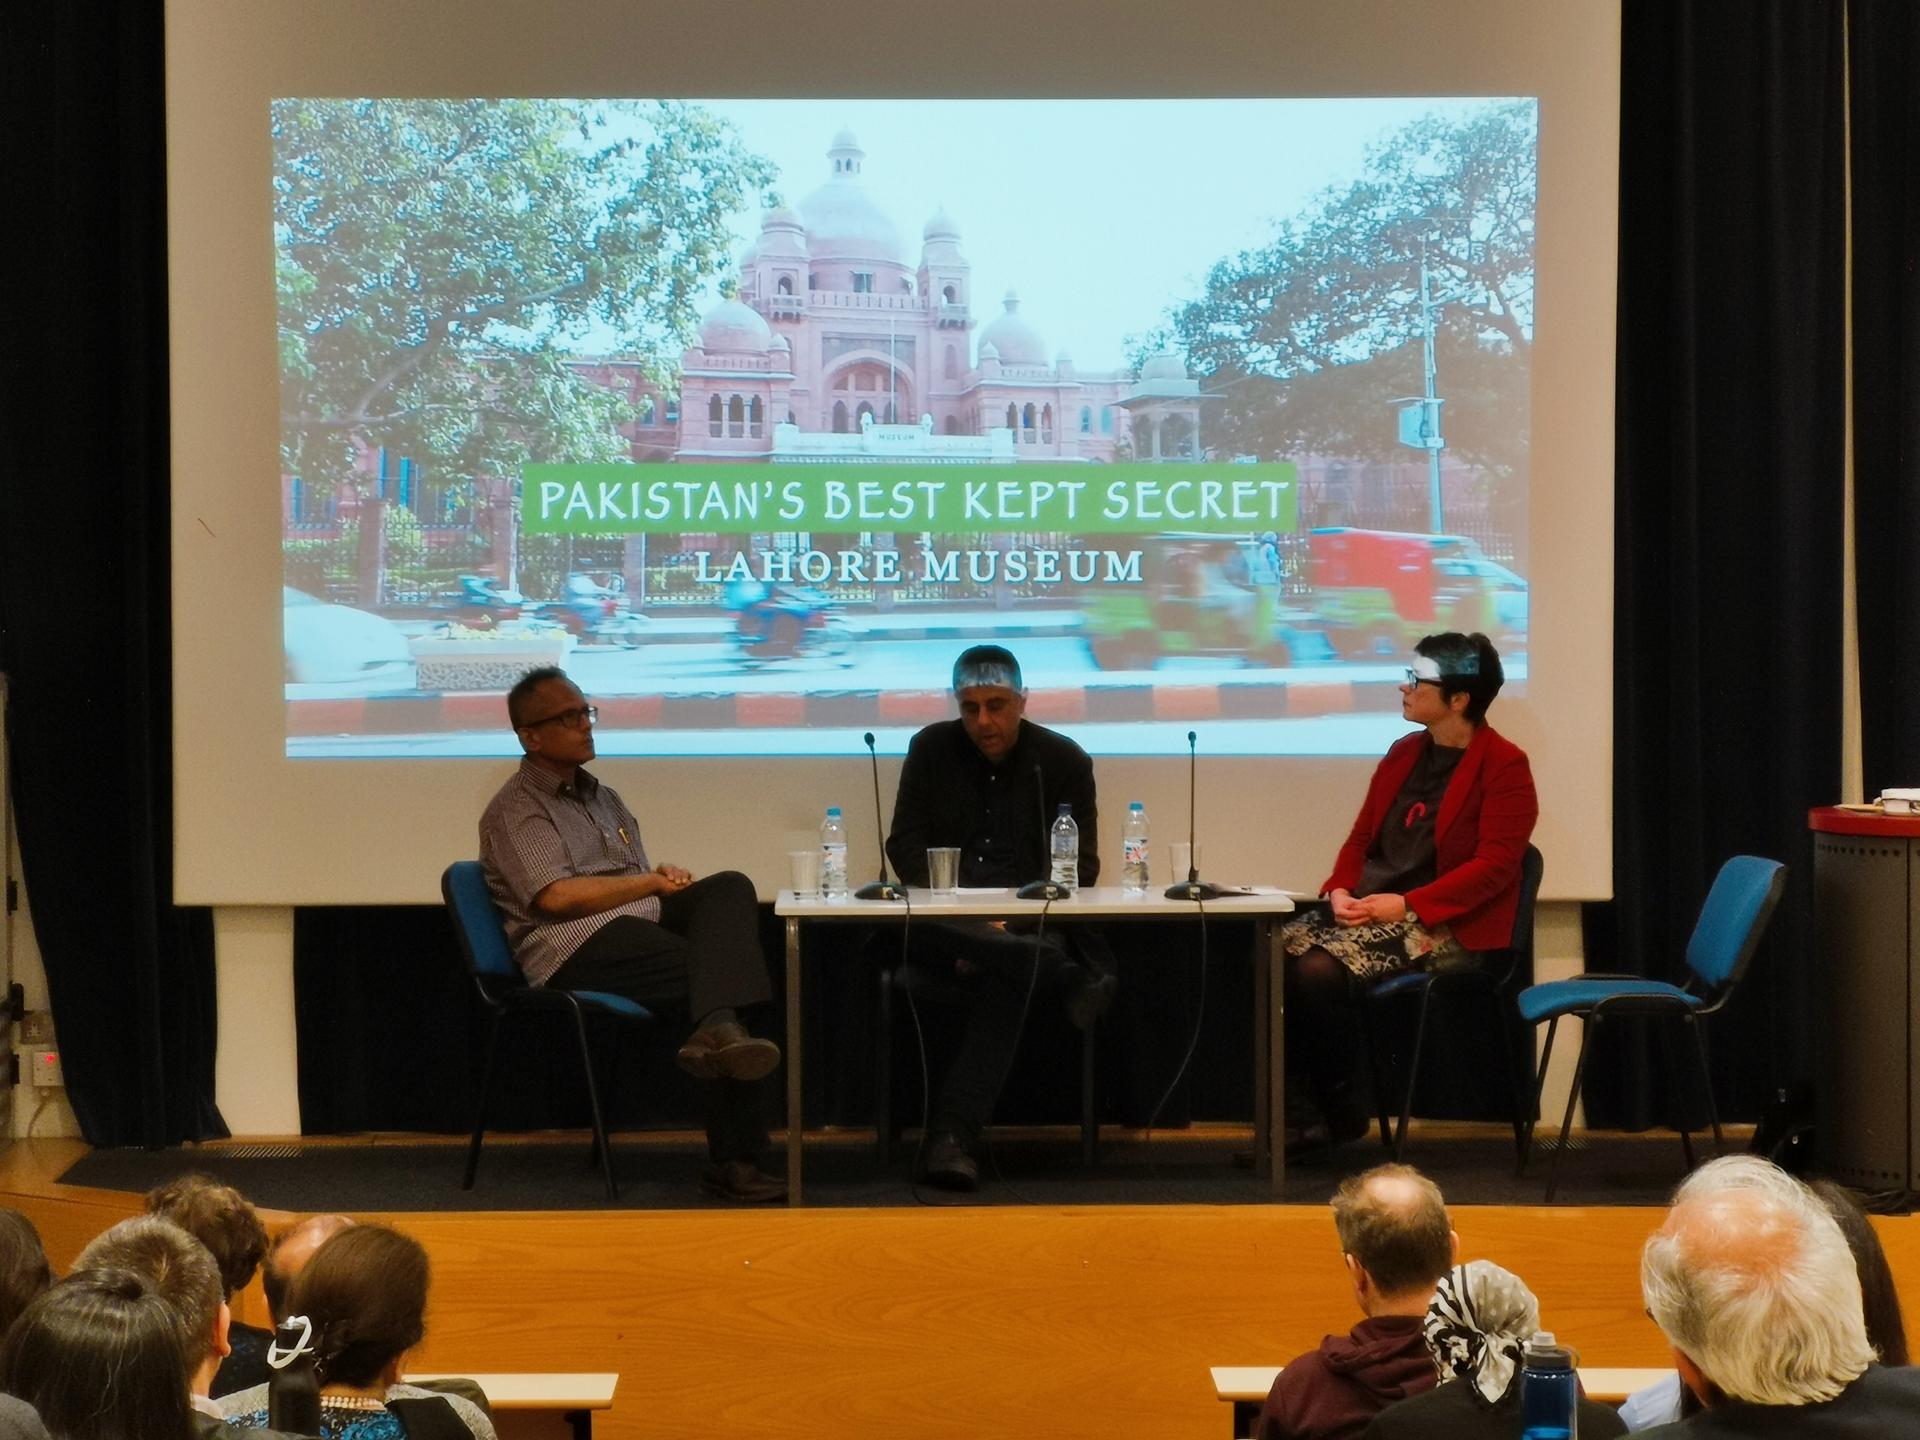 Pakistans Best kept Secret